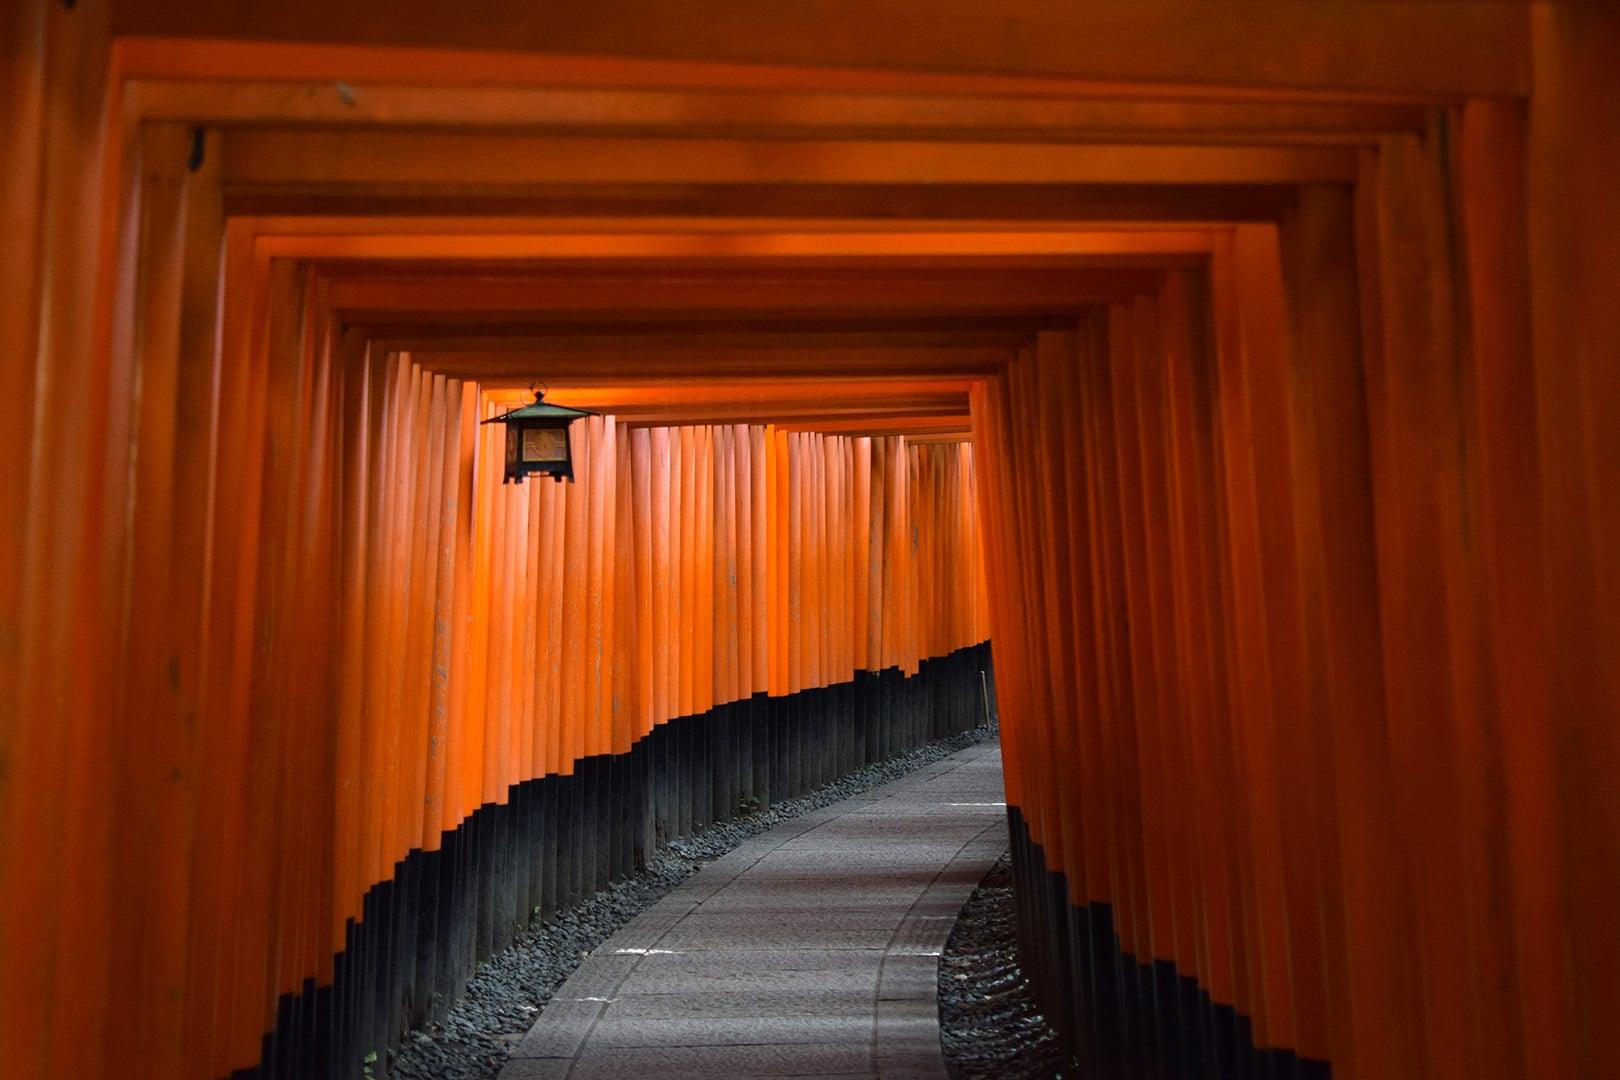 In Japan hatten wir das kurze Glück den Gang mit den roten Torii des Fushimi Inari Taisha Schreins bei Kyoto ohne Menschen zu fotografieren. Diese Tempelanlage hat uns sehr fasziniert.